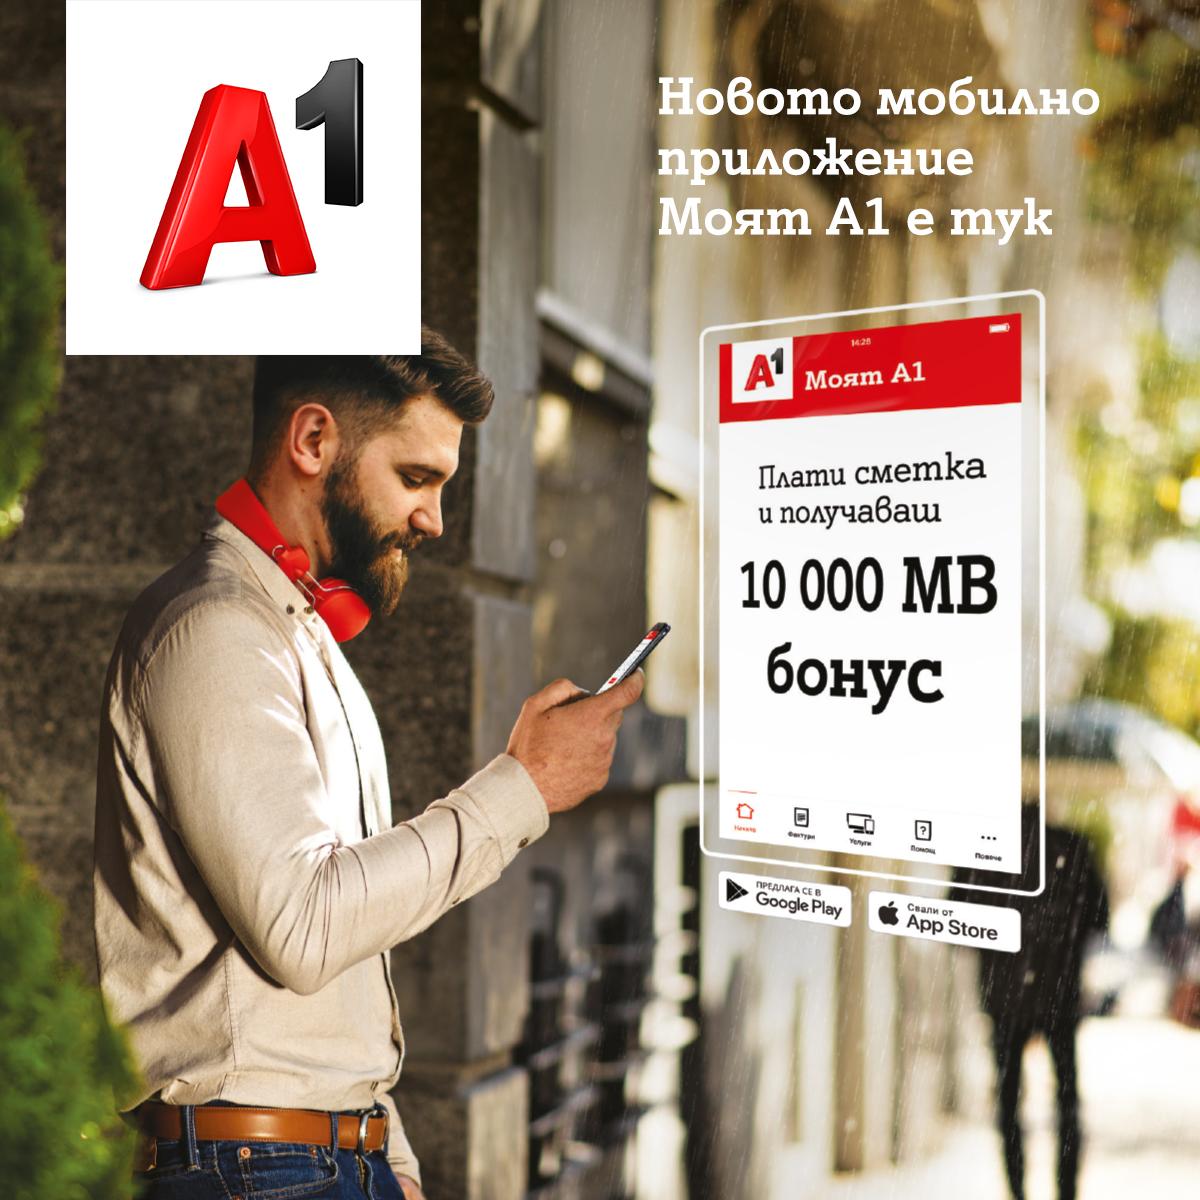 A1 стартира изцяло новото мобилно приложение Моят А1